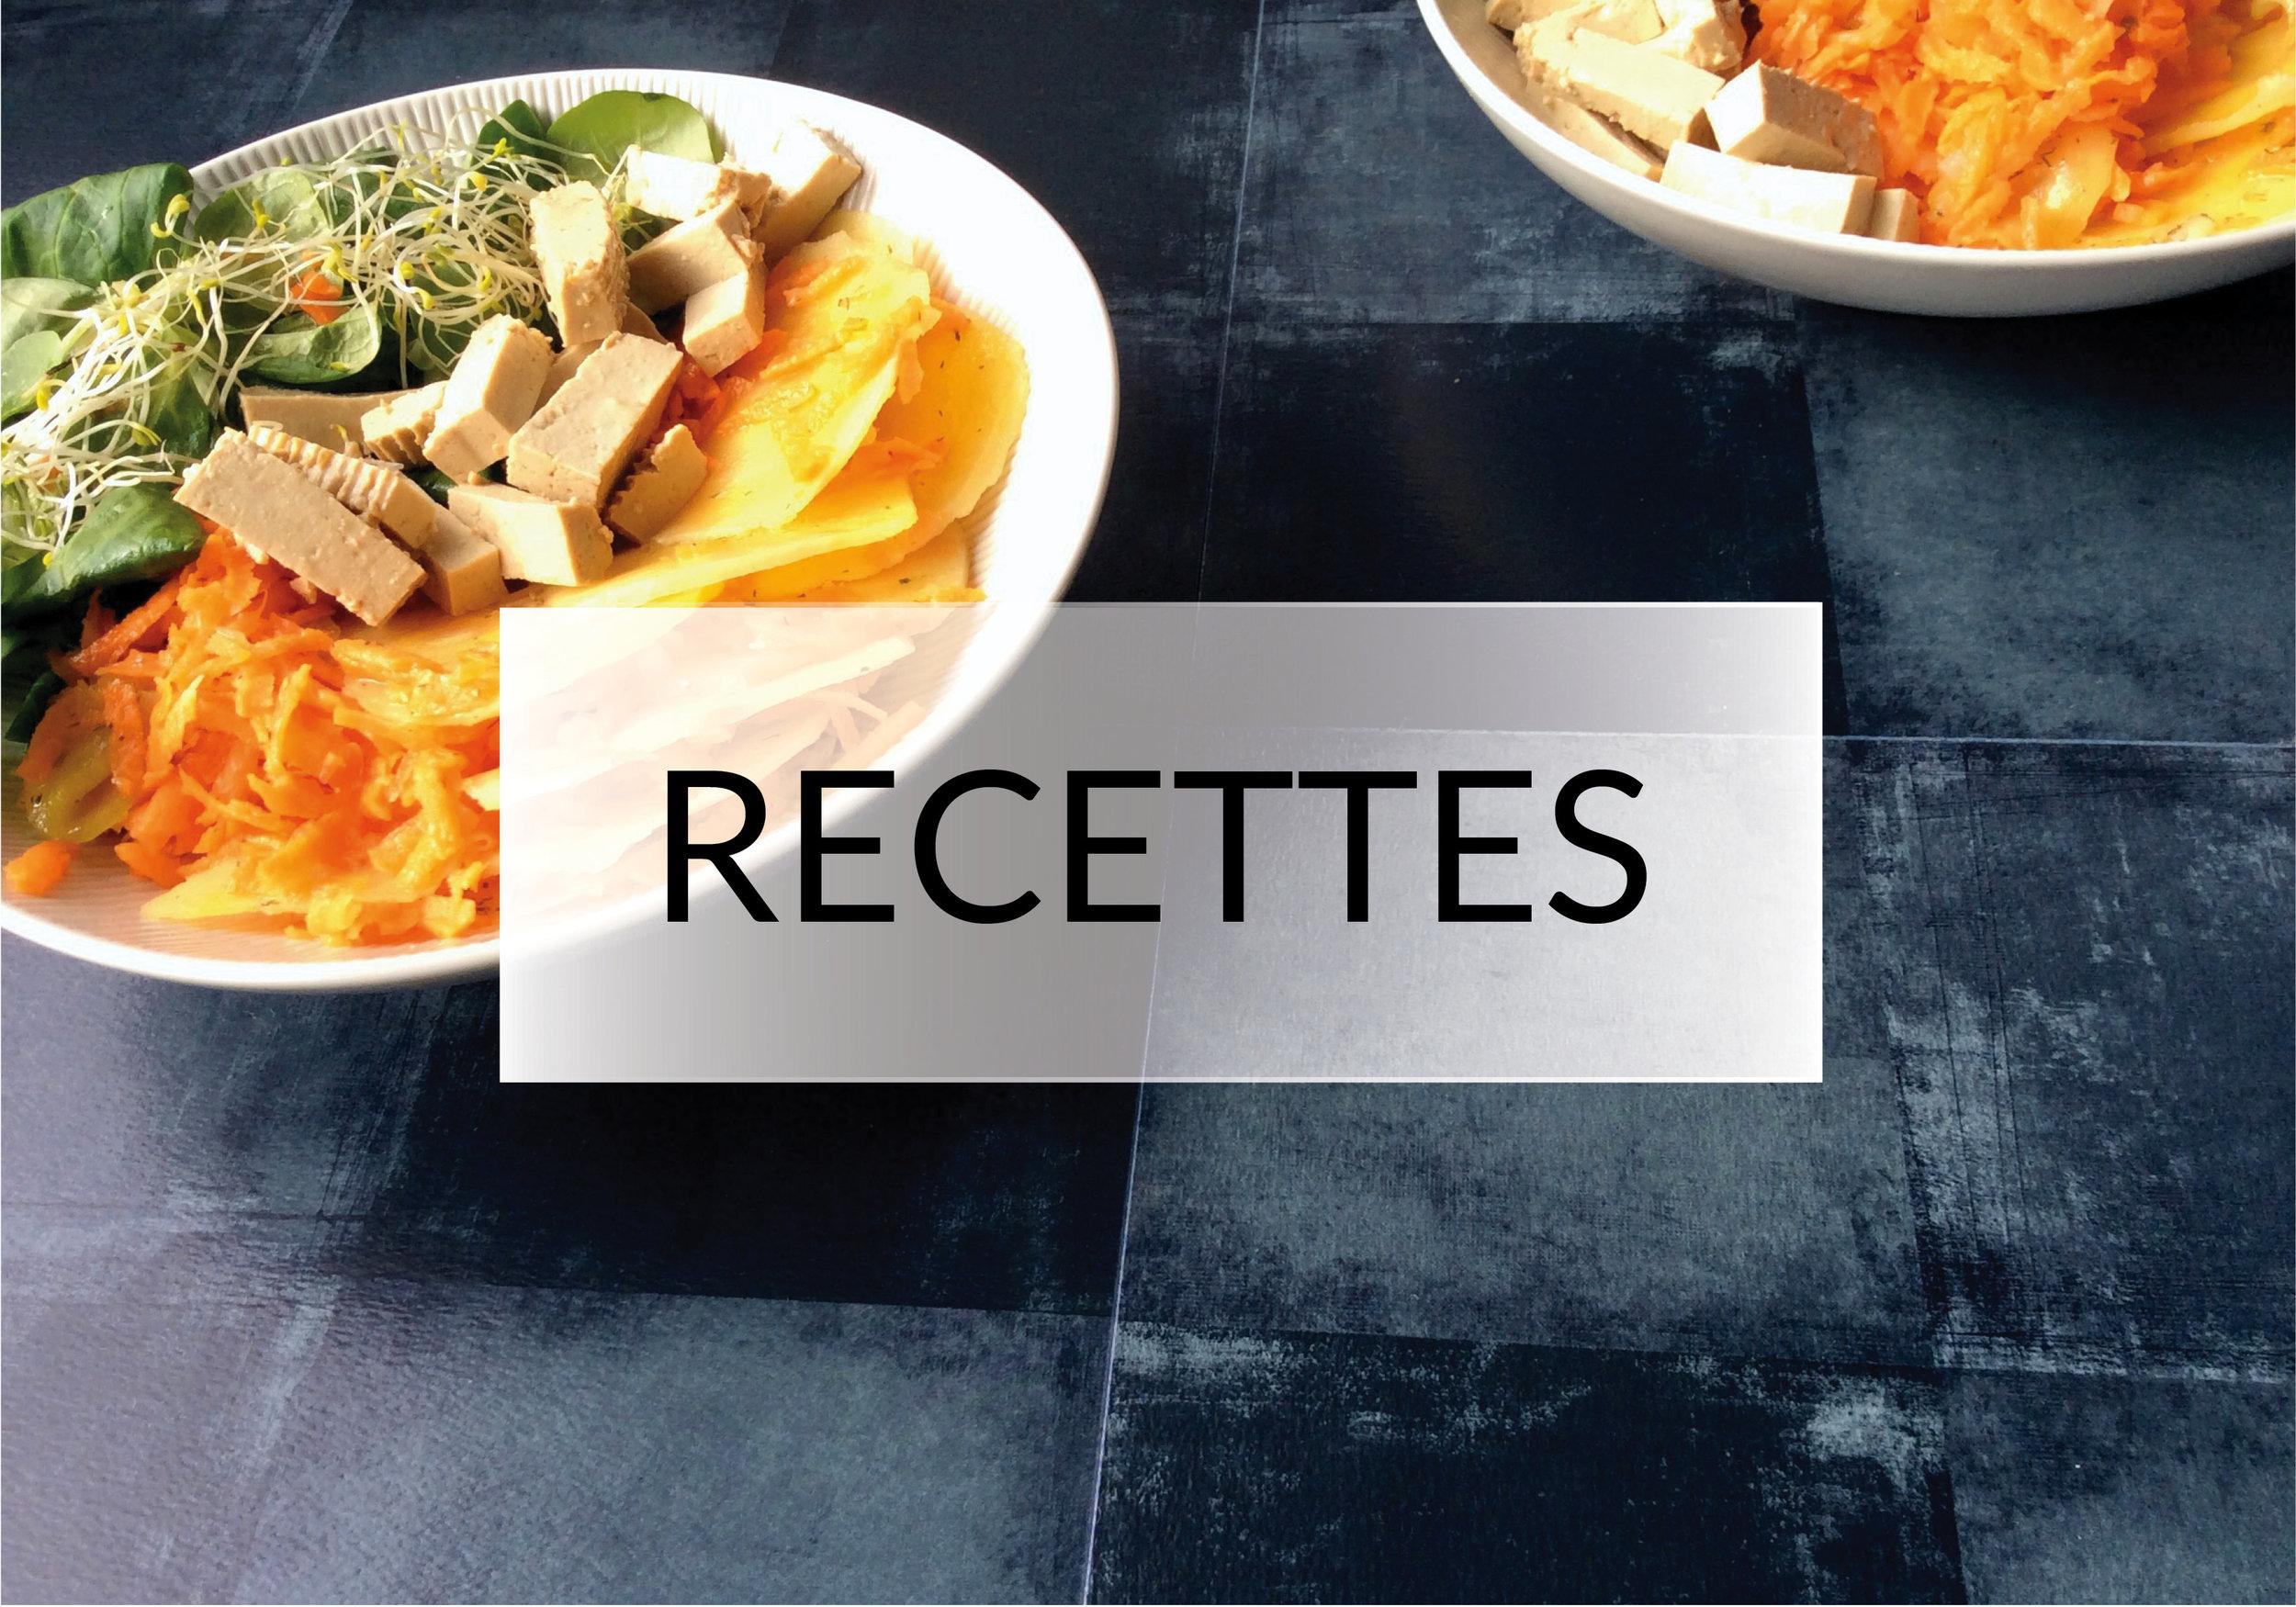 blog-recettes-cuisine-ayurvedique-vegetarienne-saine-bio-regime-healthy.jpg